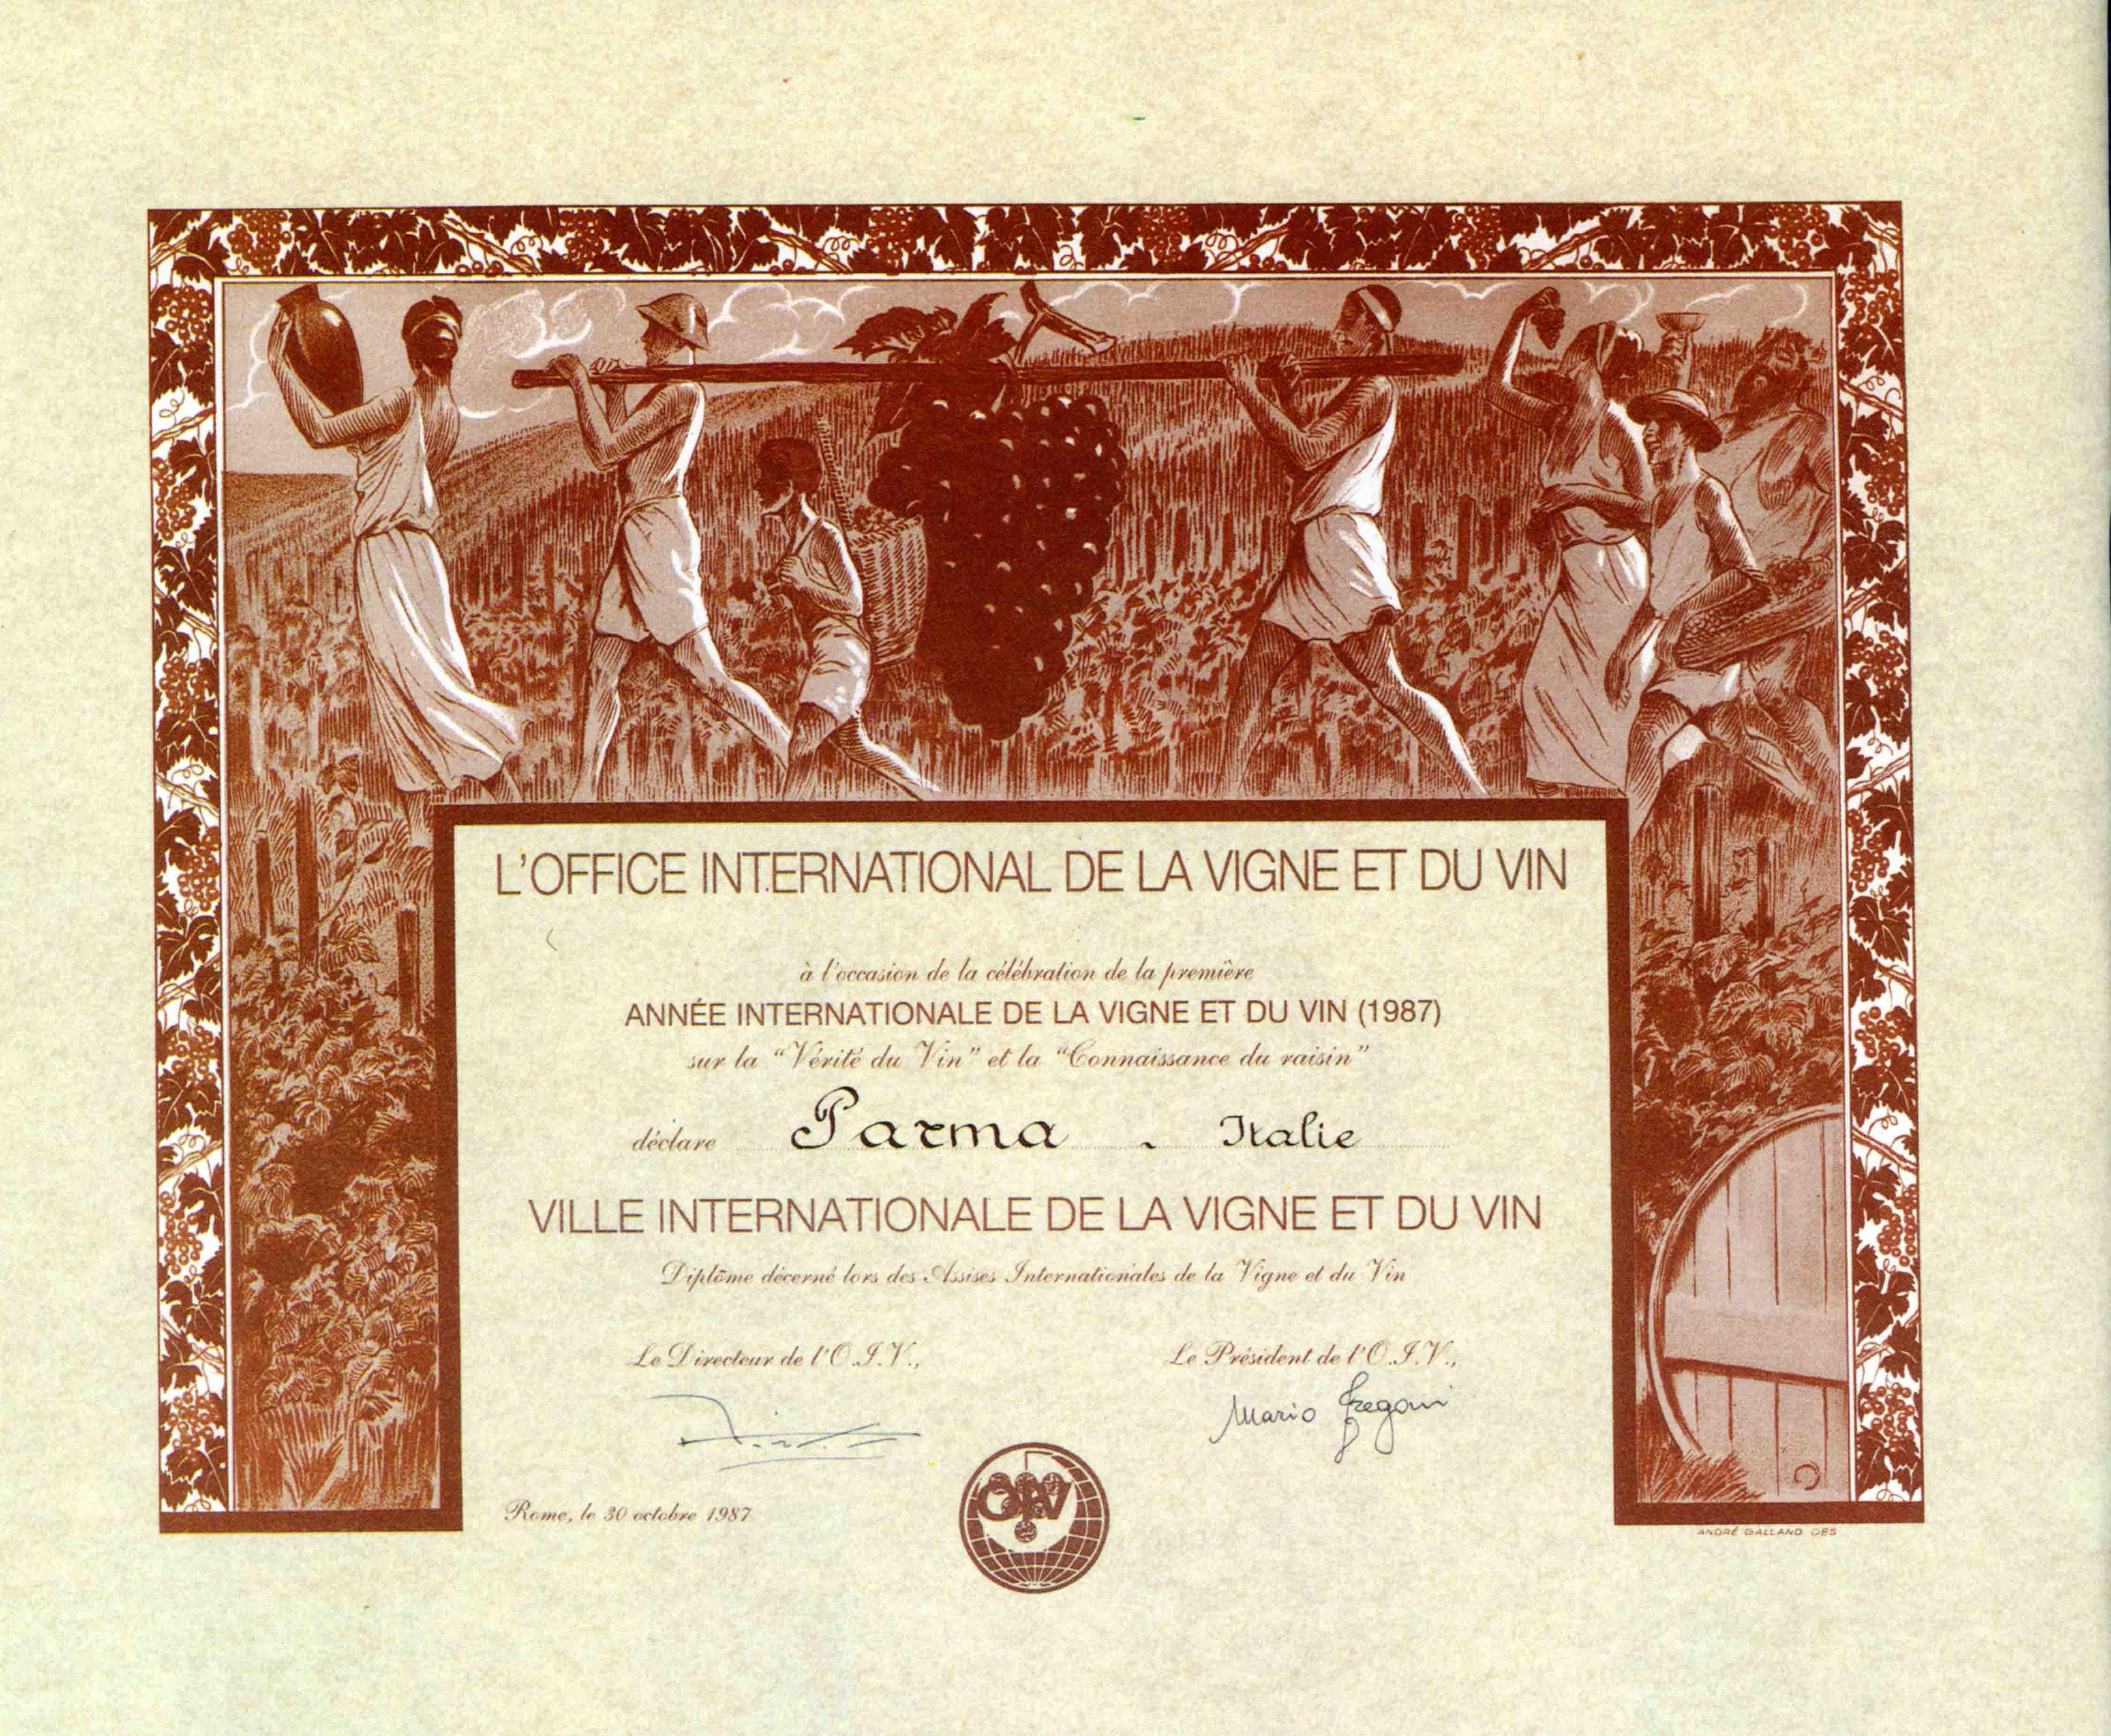 16. Il 30 ottobre 1987 l'Office International de la Vigne et du Vin (OIV) iscriveva Parma tra le città internazionali della vite e del vino, riconoscendone il valore storico della tradizione e la qualità dei prodotti.